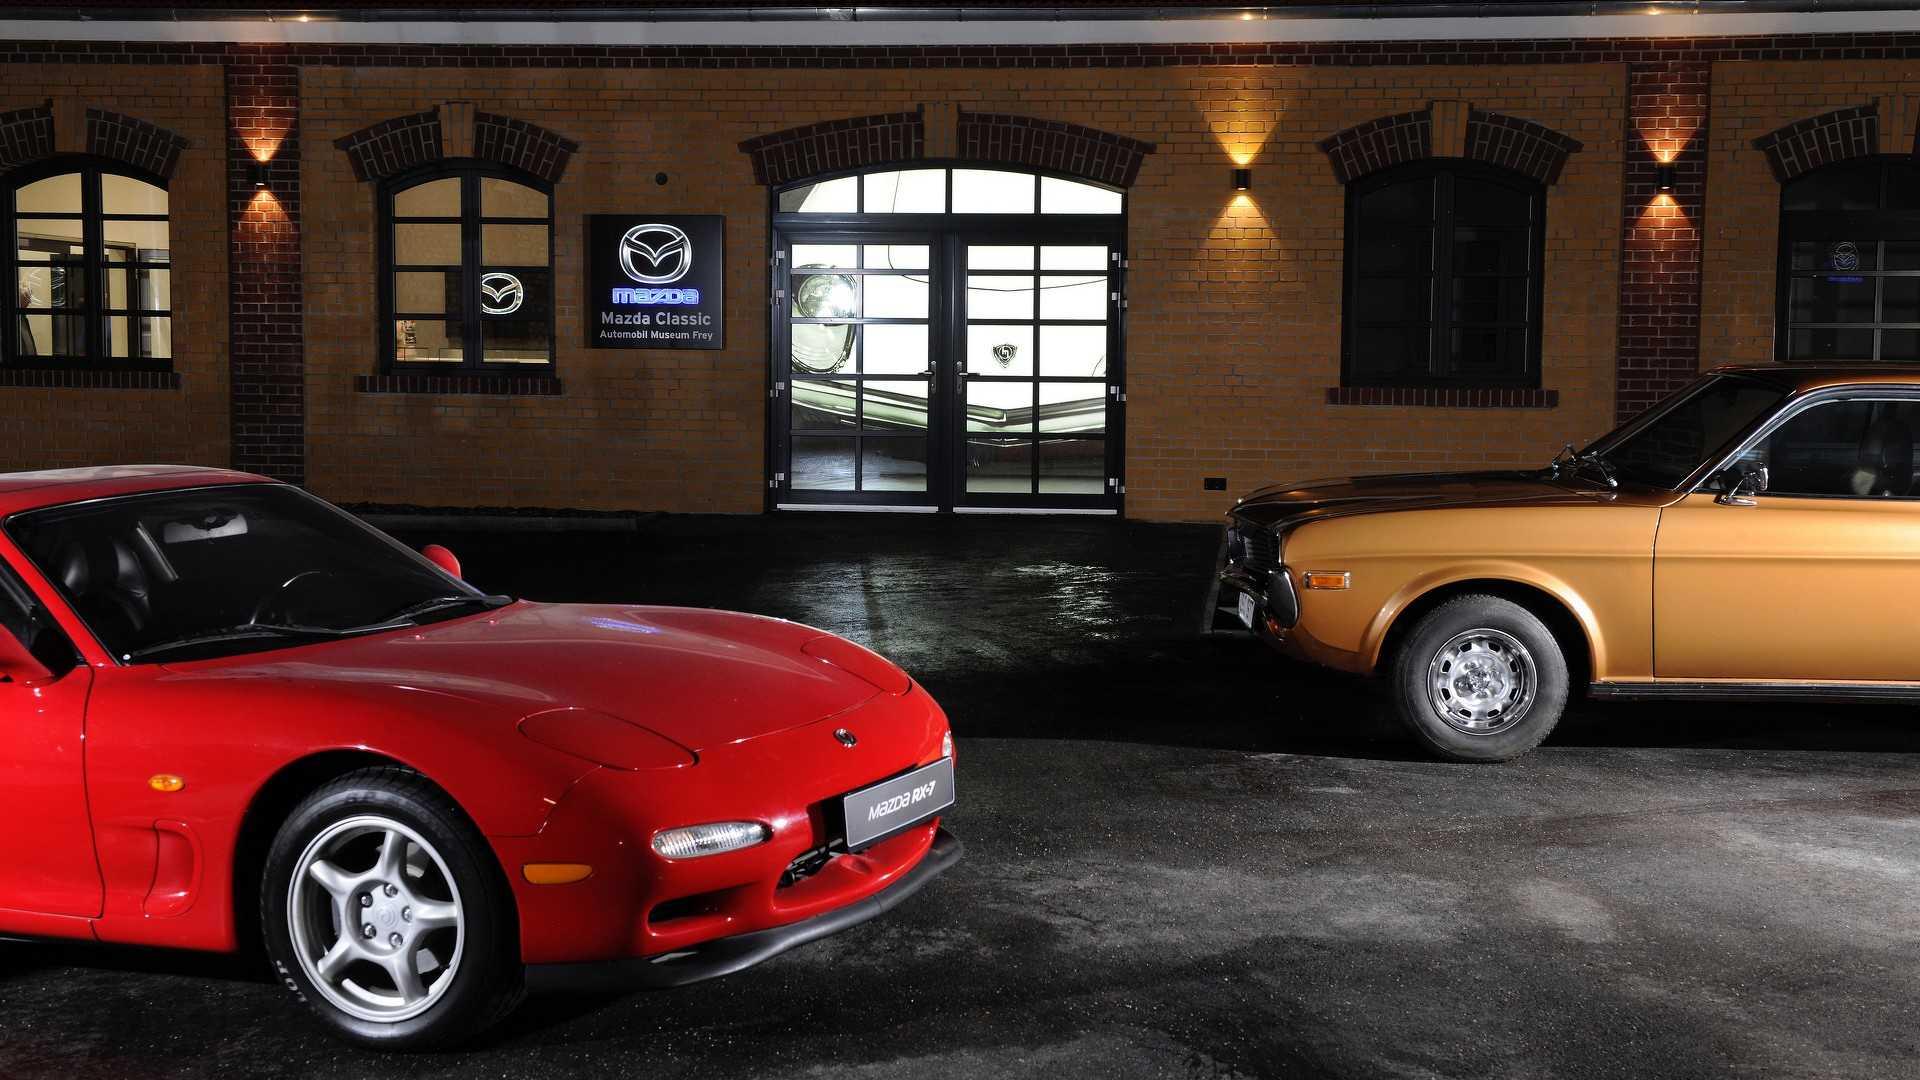 Mazda_classic_car_museum_03